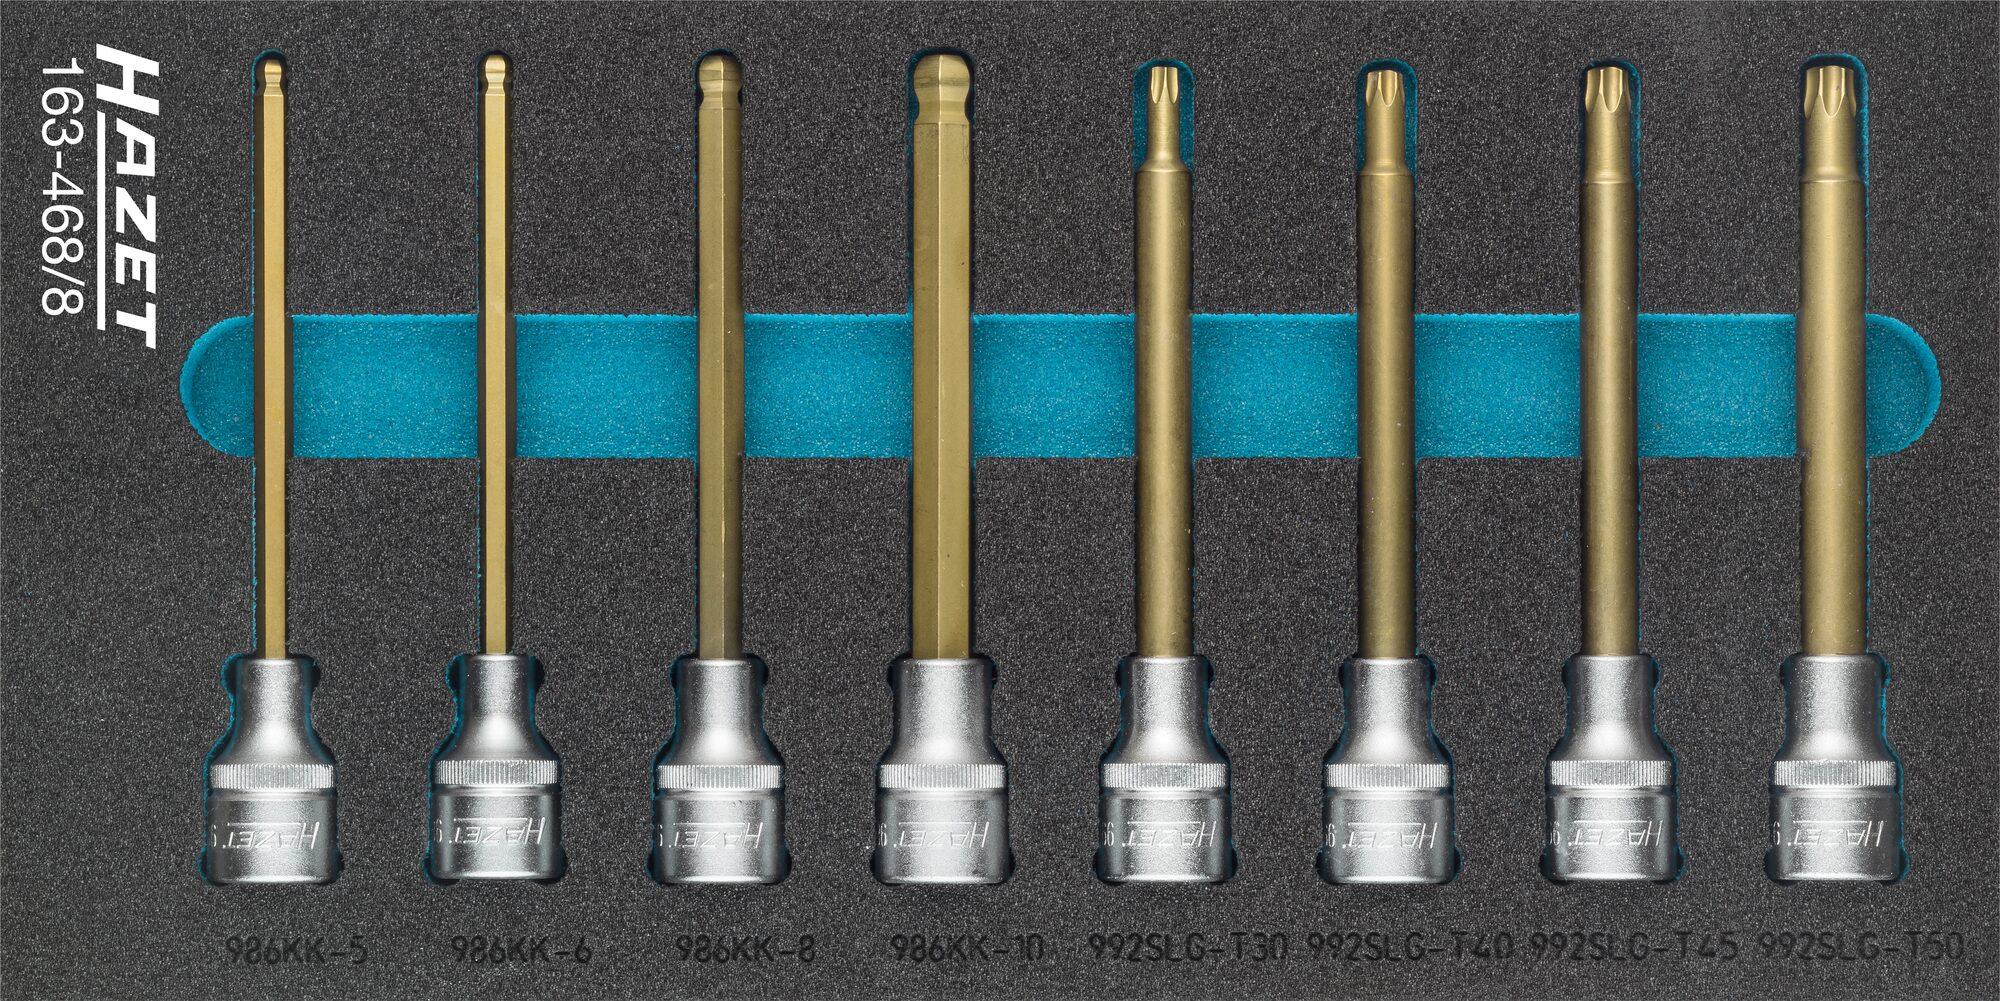 HAZET Schraubendreher-Steckschlüsseleinsatz Satz 163-468/8 ∙ Vierkant hohl 12,5 mm (1/2 Zoll) ∙ Anzahl Werkzeuge: 8